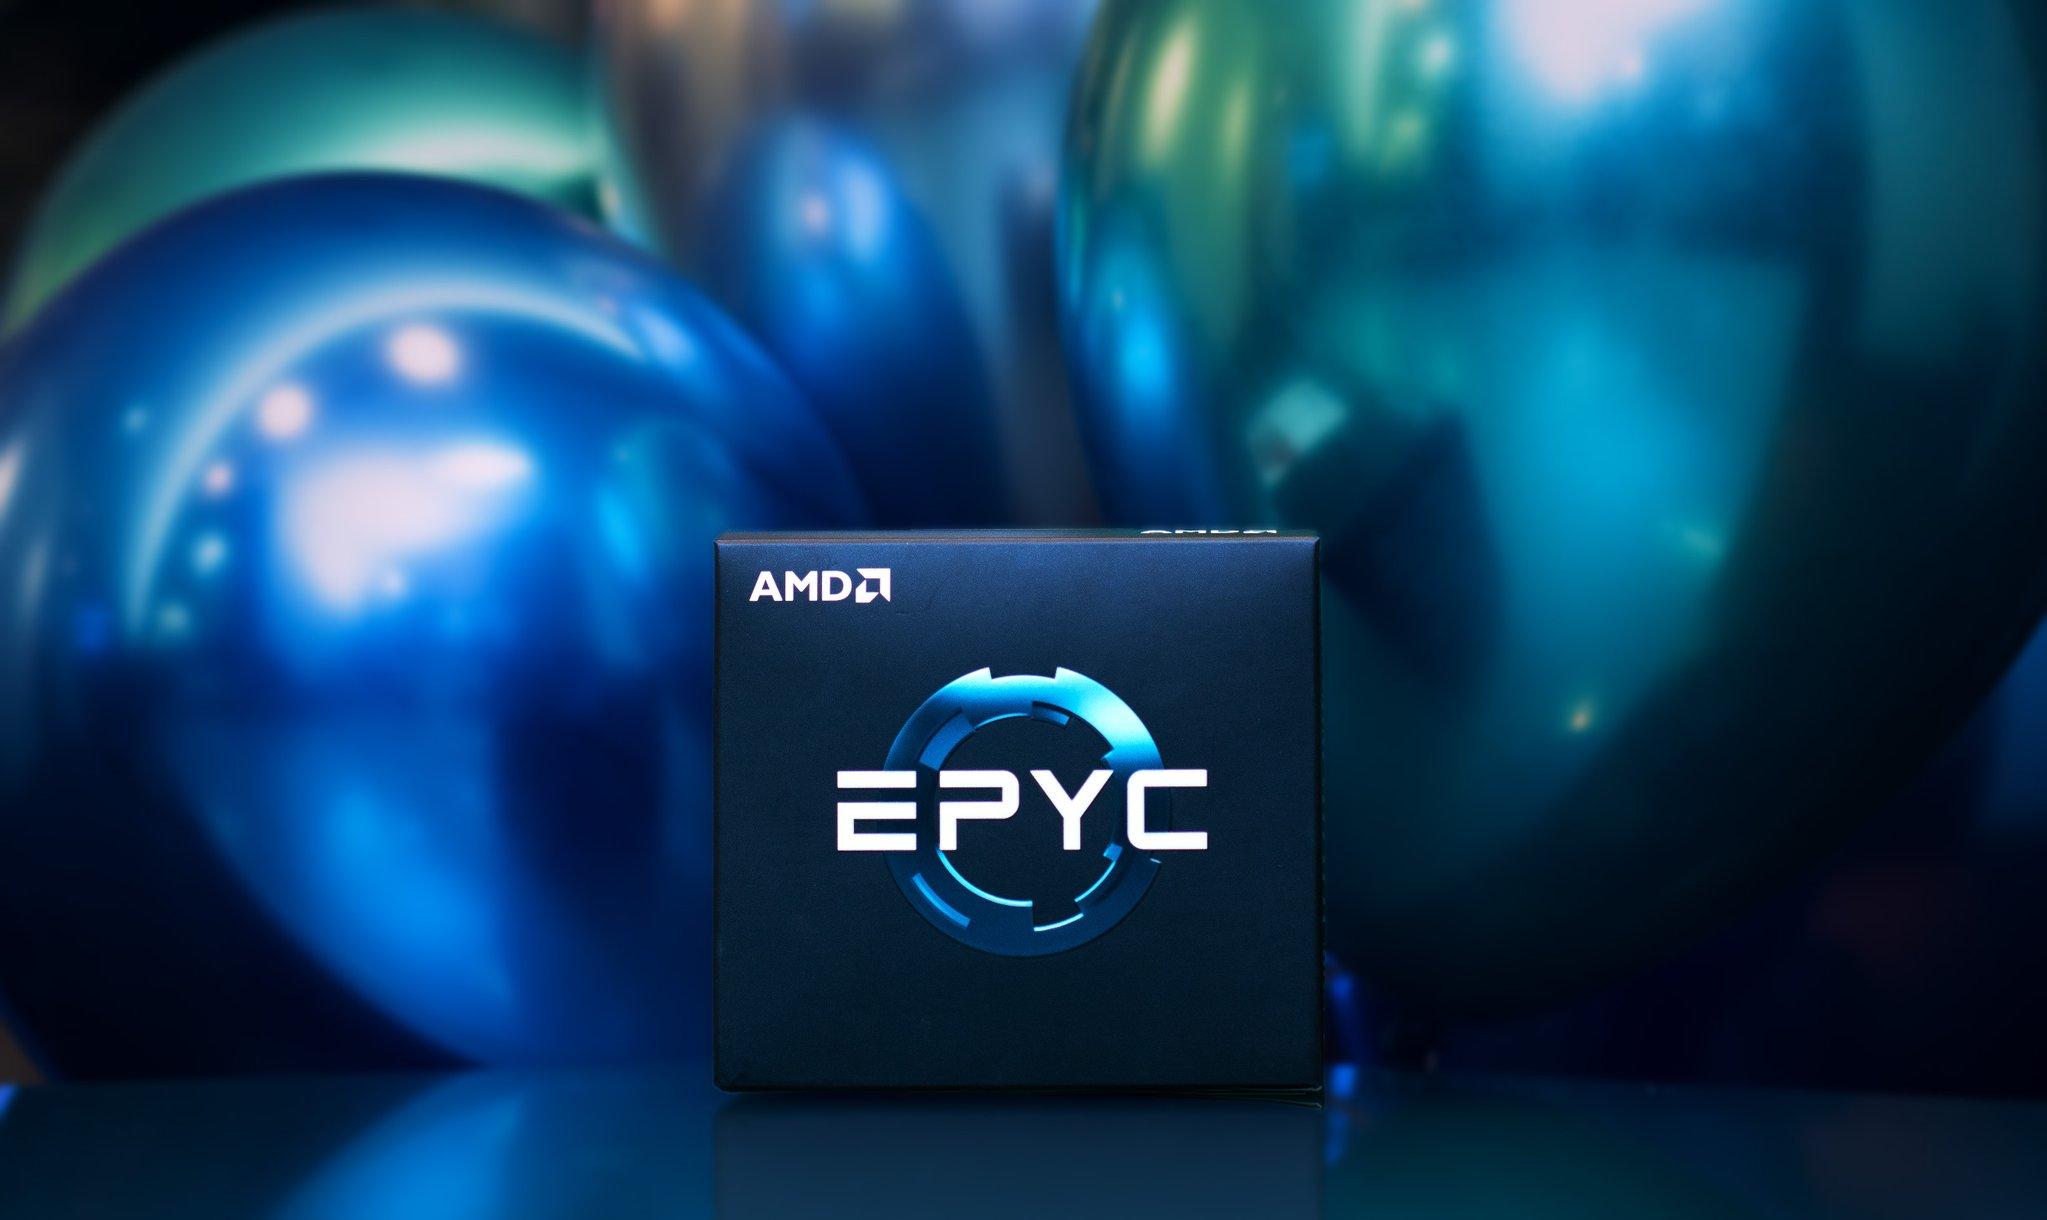 Le CPU Ryzen ed Epyc fanno volare AMD nel secondo trimestre thumbnail